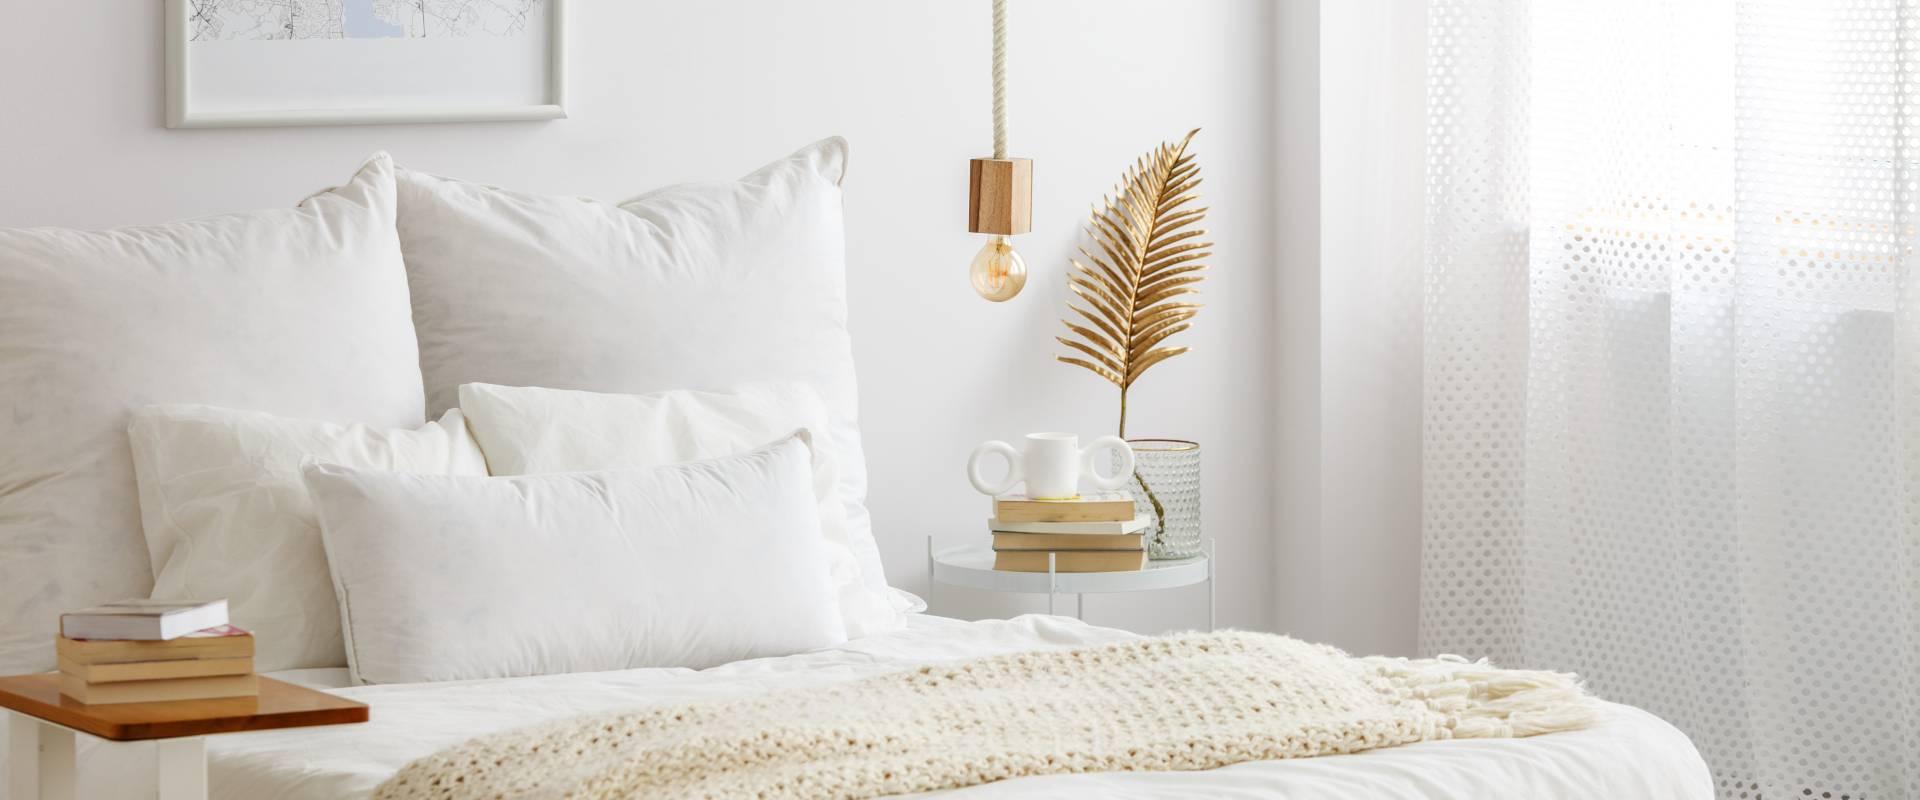 Dicas para decoração de quarto minimalista